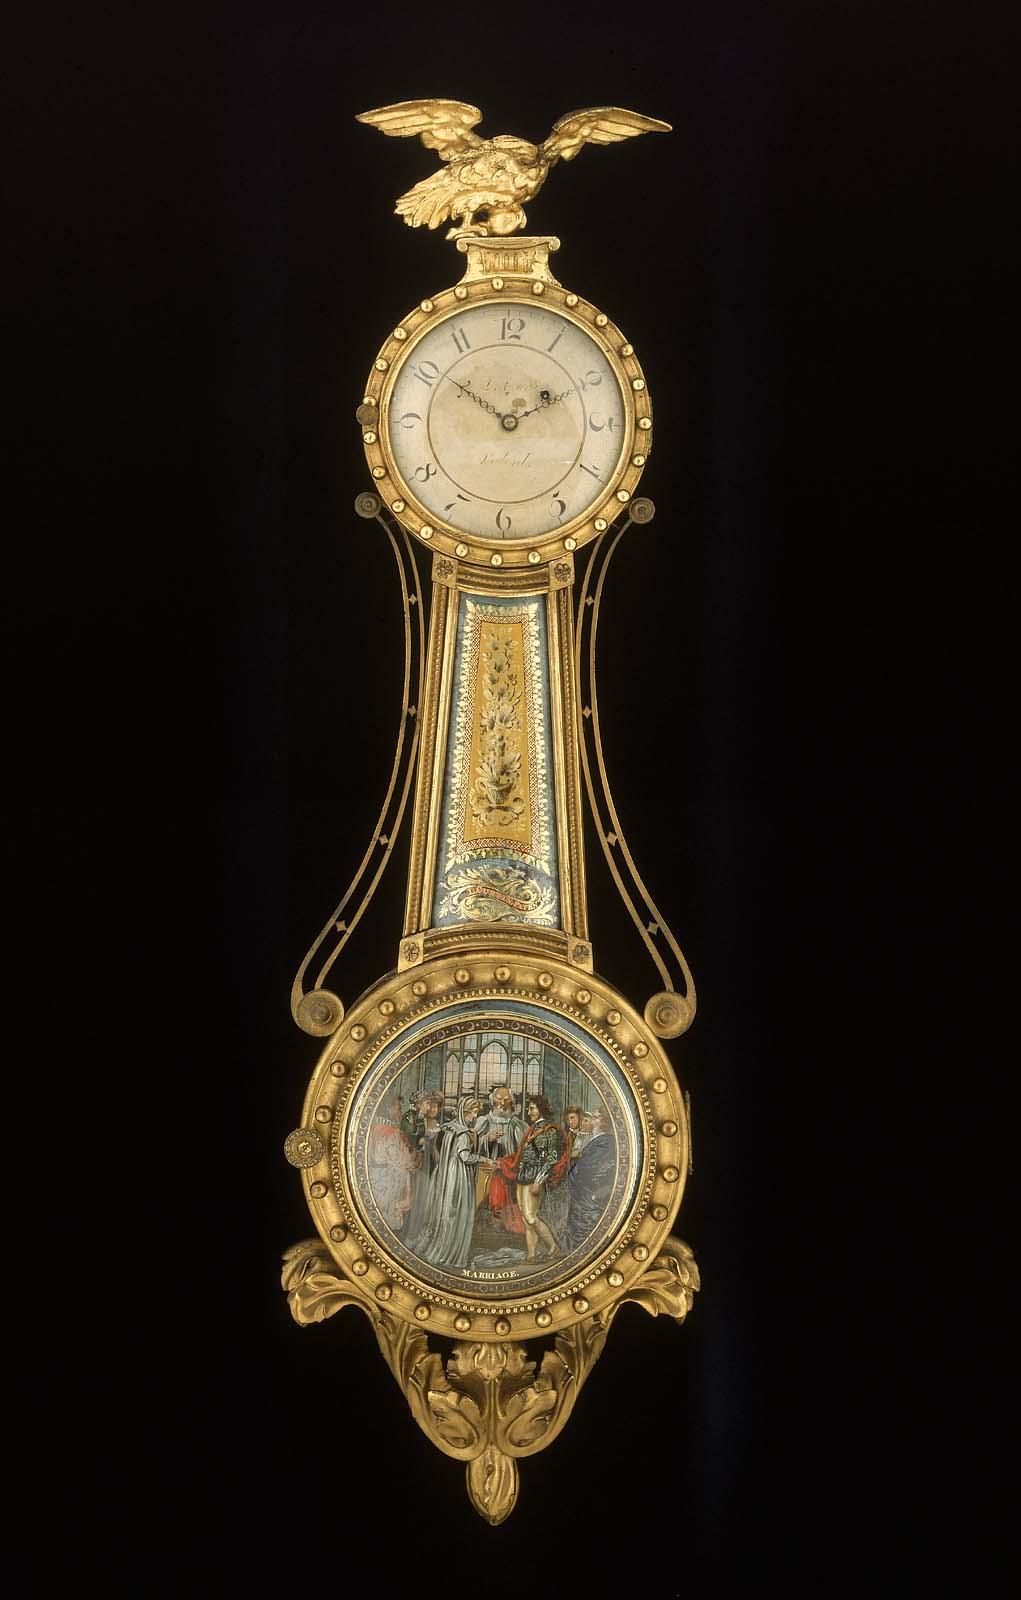 Girandole Wall Clock Museum Of Fine Arts Boston